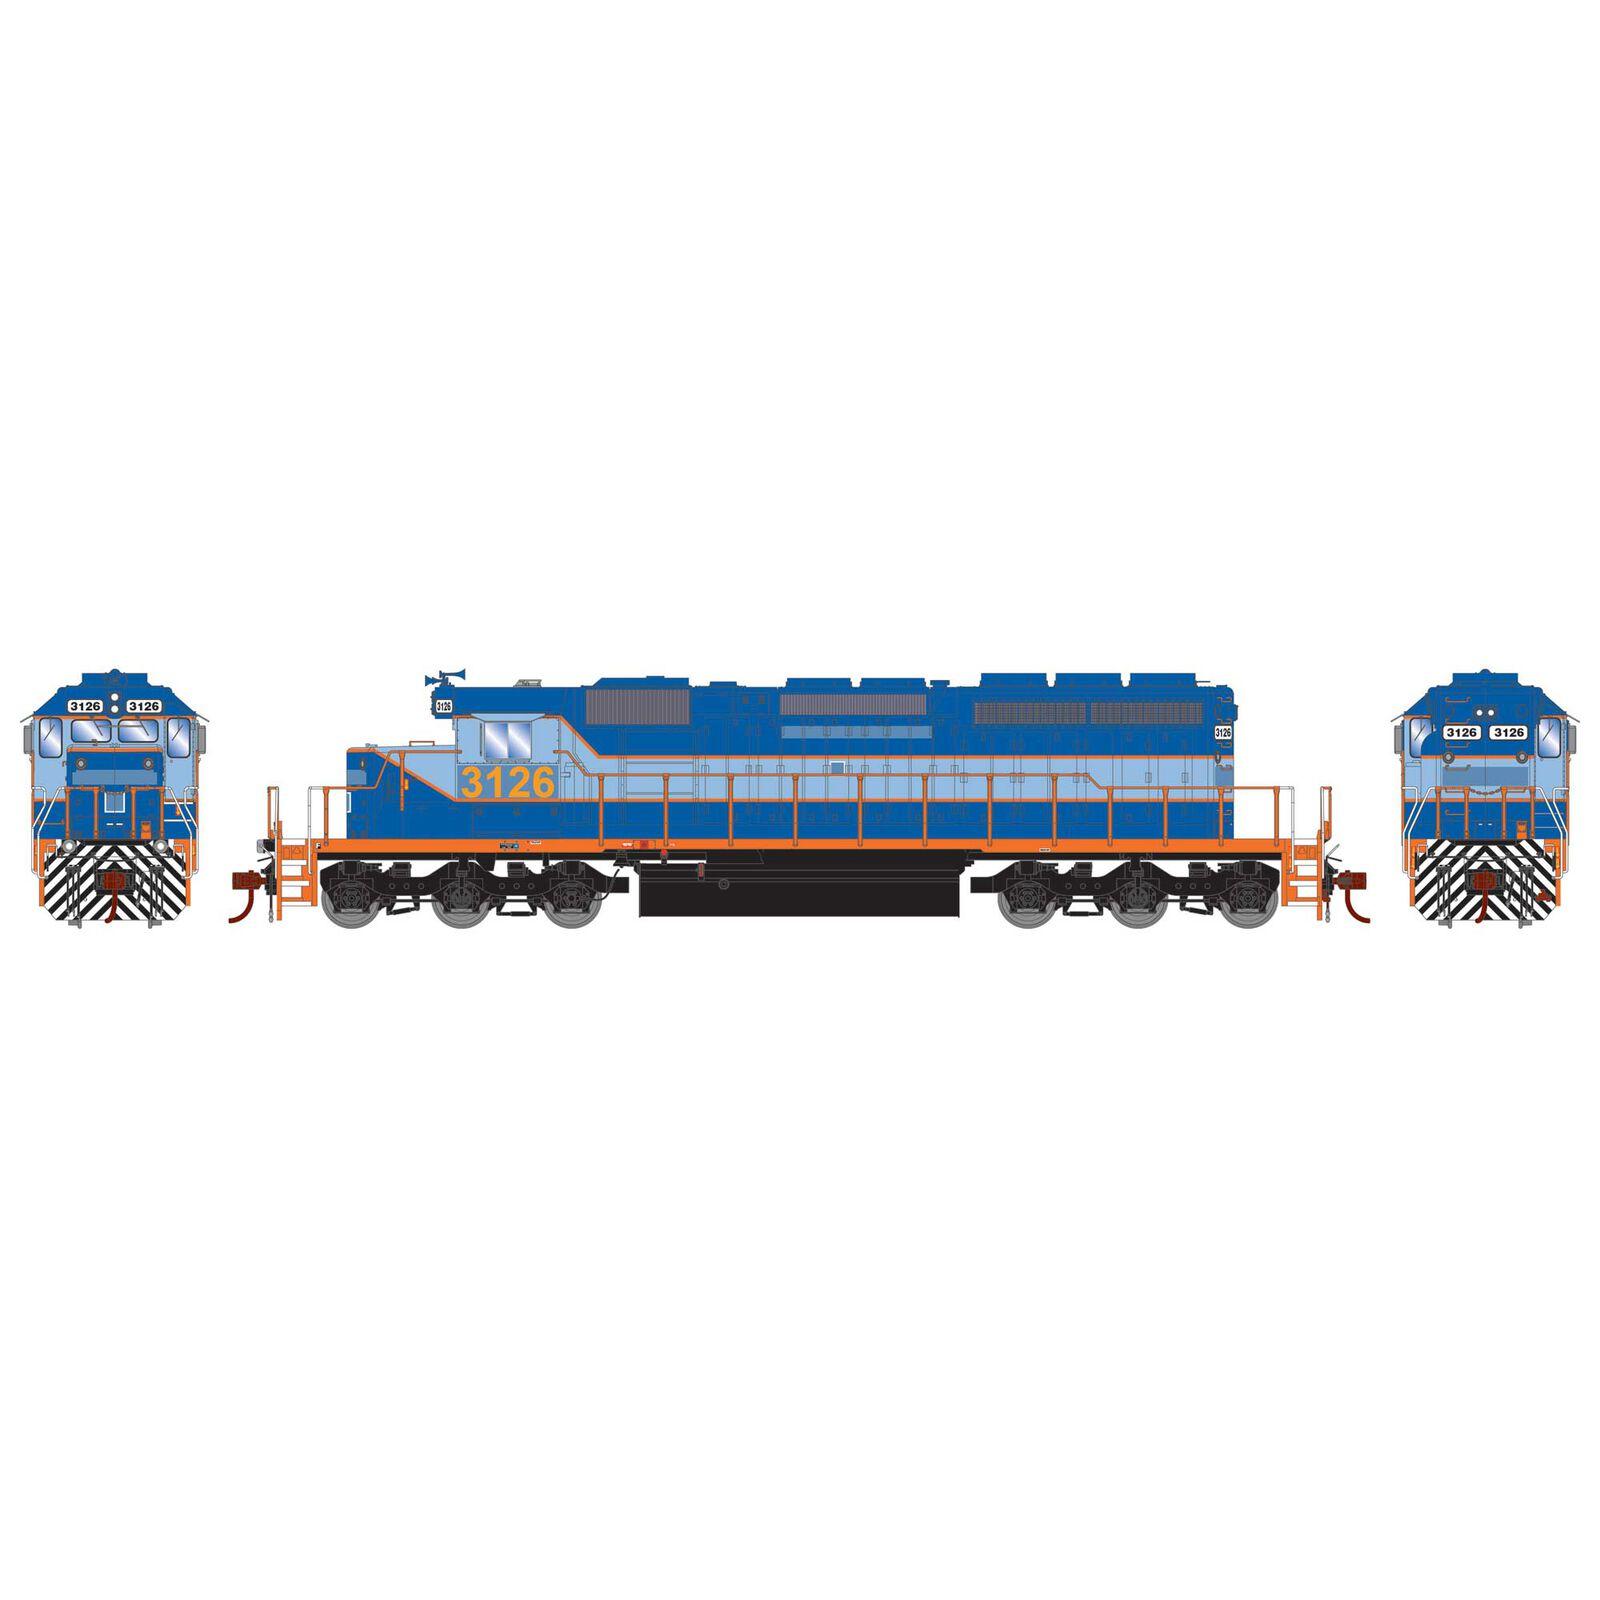 HO RTR SD40-2 Ferromex Ex-NDM #3126